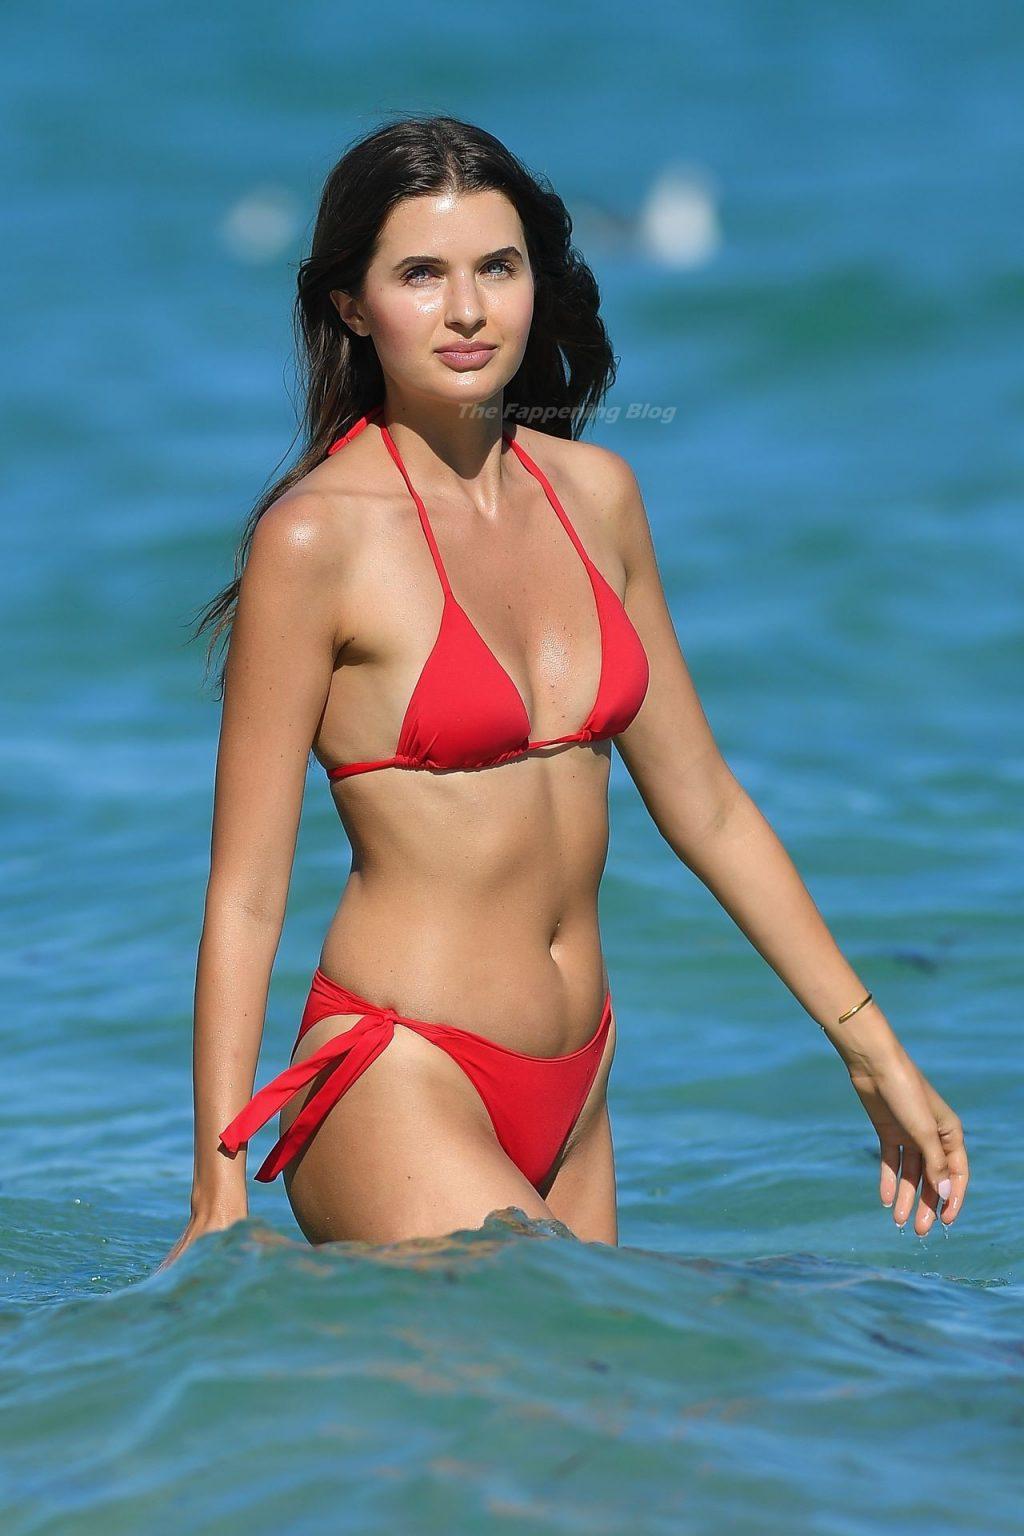 Jessica Markowski Shows Off Her Sexy Body in a Bikini (28 Photos)